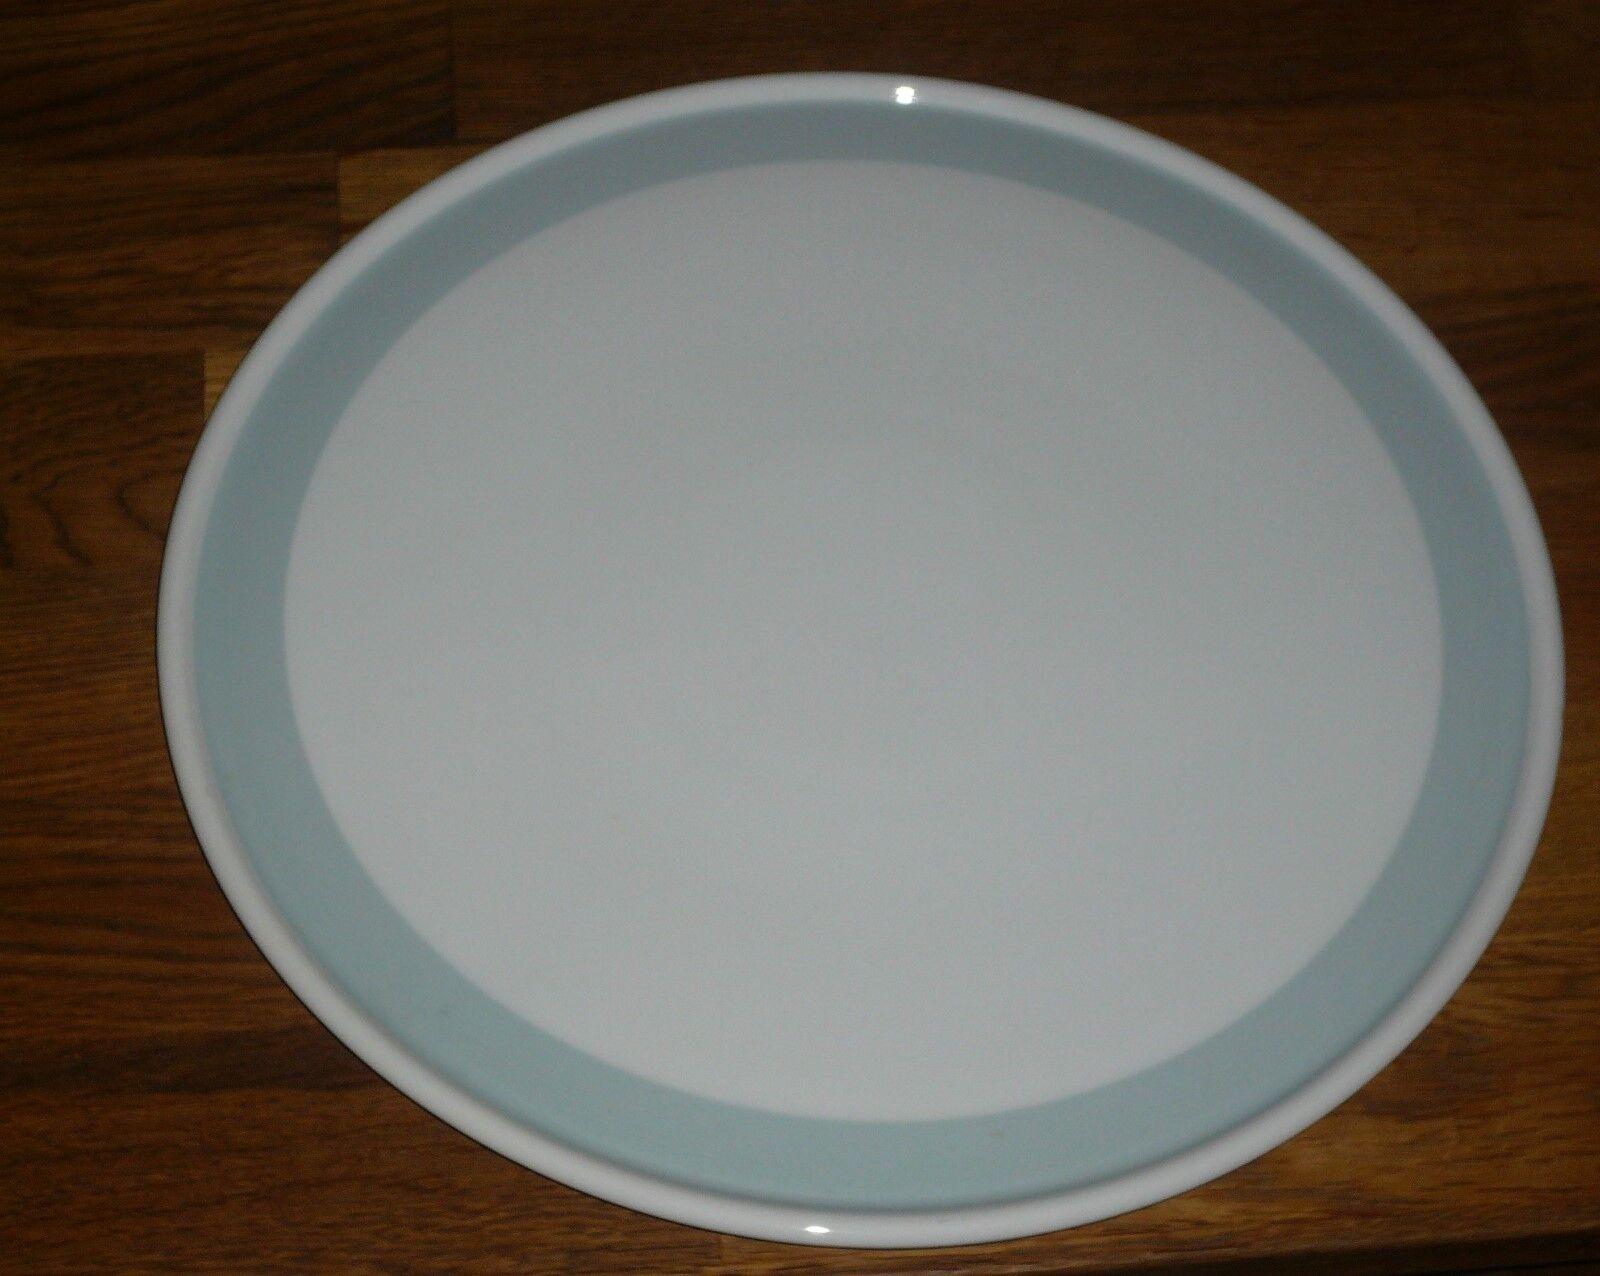 Tortenplatte 32,5 cm    Hutschenreuther  Selb Bavaria  breite Rand  hellblau | Reparieren